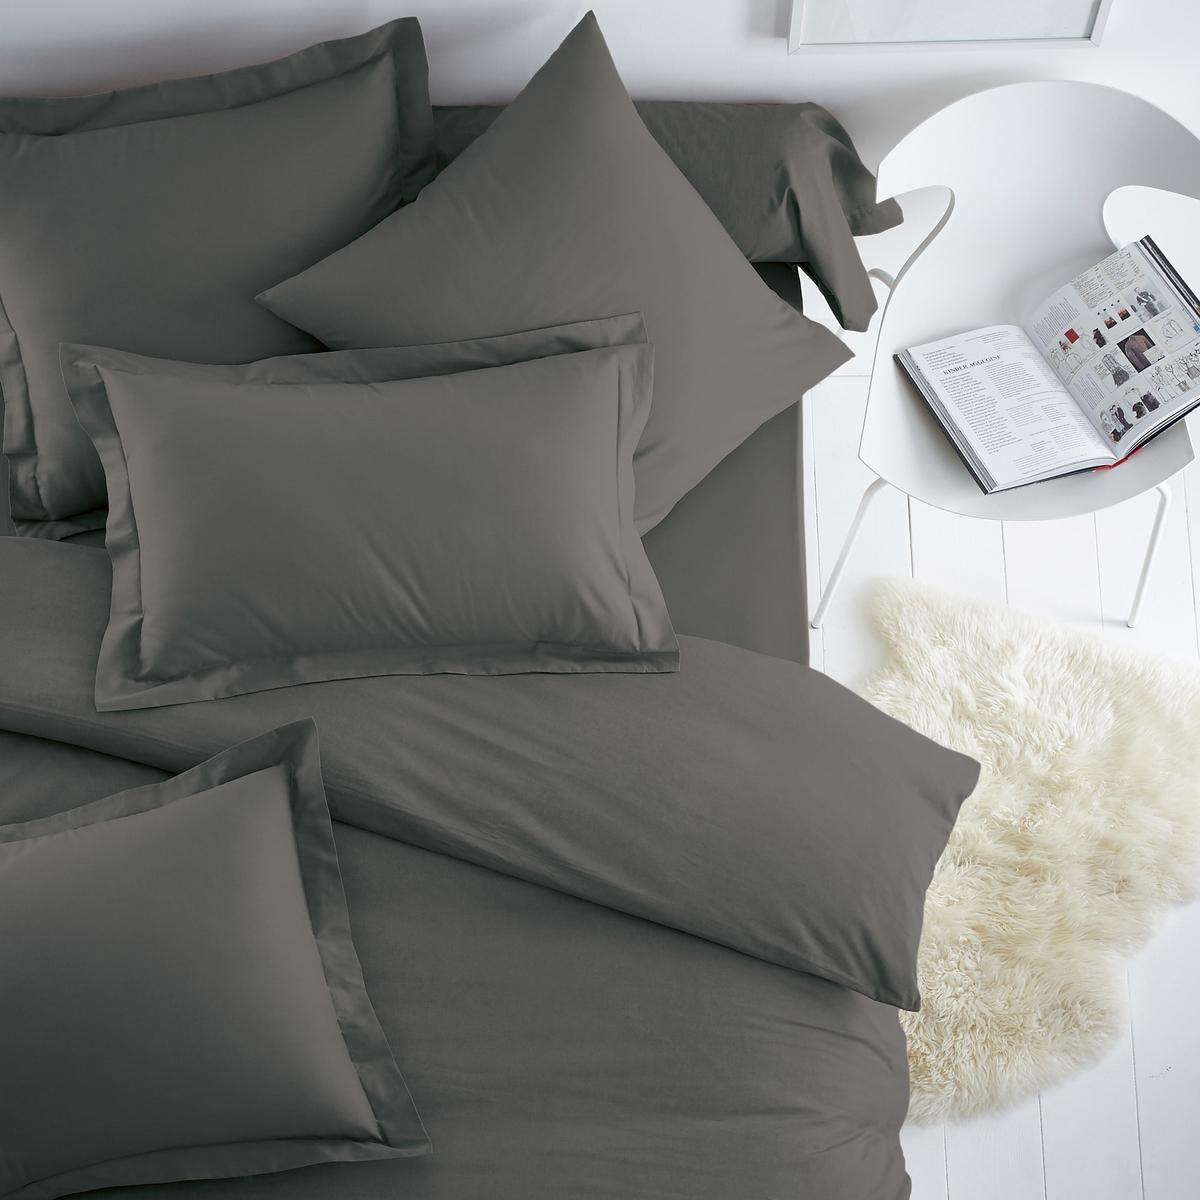 Наволочка из полихлопкаНаволочка из ткани, 50% хлопка, 50% полиэстера, плотное переплетение нитей : Приятный материал, замечательная прочность. Чем больше нитей/см? , тем выше качество материала (57 нитей/см?). Прекрасно сохраняет цвета при стирке (60°). Быстро сохнет, легко гладить.Наволочки (квадратная или прямоугольная) с большим клапаном для фиксации подушки. - 2 версии для квадратных наволочек : 63 x 63 (форма сумки) и 64 x 64 (с плоским клапаном 5 см).Их +   : современная цветовая гамма позволяет легко и просто сочетать простыни и пододеяльники SCENARIO. Производство осуществляется с учетом стандартов по защите окружающей среды и здоровья человека, что подтверждено сертификатом Oeko-tex®.                                             Наволочка :Retrouvez lensemble de la collection Aeri sur laredoute : 63 x 63 см : в форме сумки64 x 64 см : квадратная наволочка с плоским воланом85 x 185   : наволочка на подушку-валик                                                                          Ищите комплект постельного белья SC?NARIO на нашем сайте<br><br>Цвет: антрацит,серо-коричневый каштан<br>Размер: 50 x 70  см.64 x 64  см.50 x 70  см